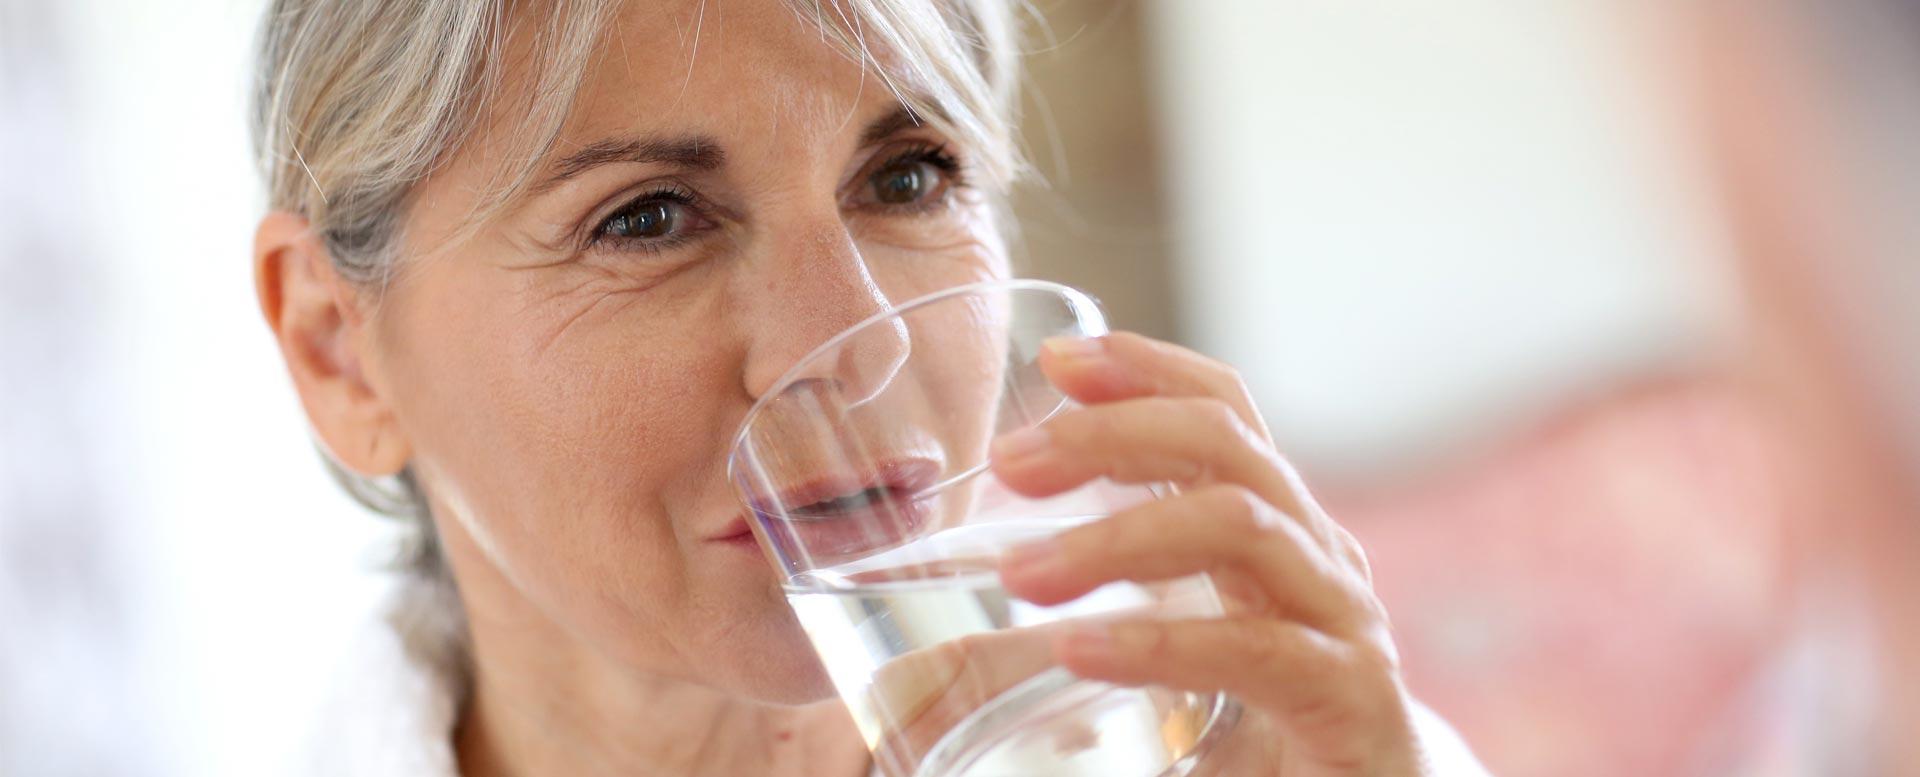 Flüssigkeitsmangel im Alter